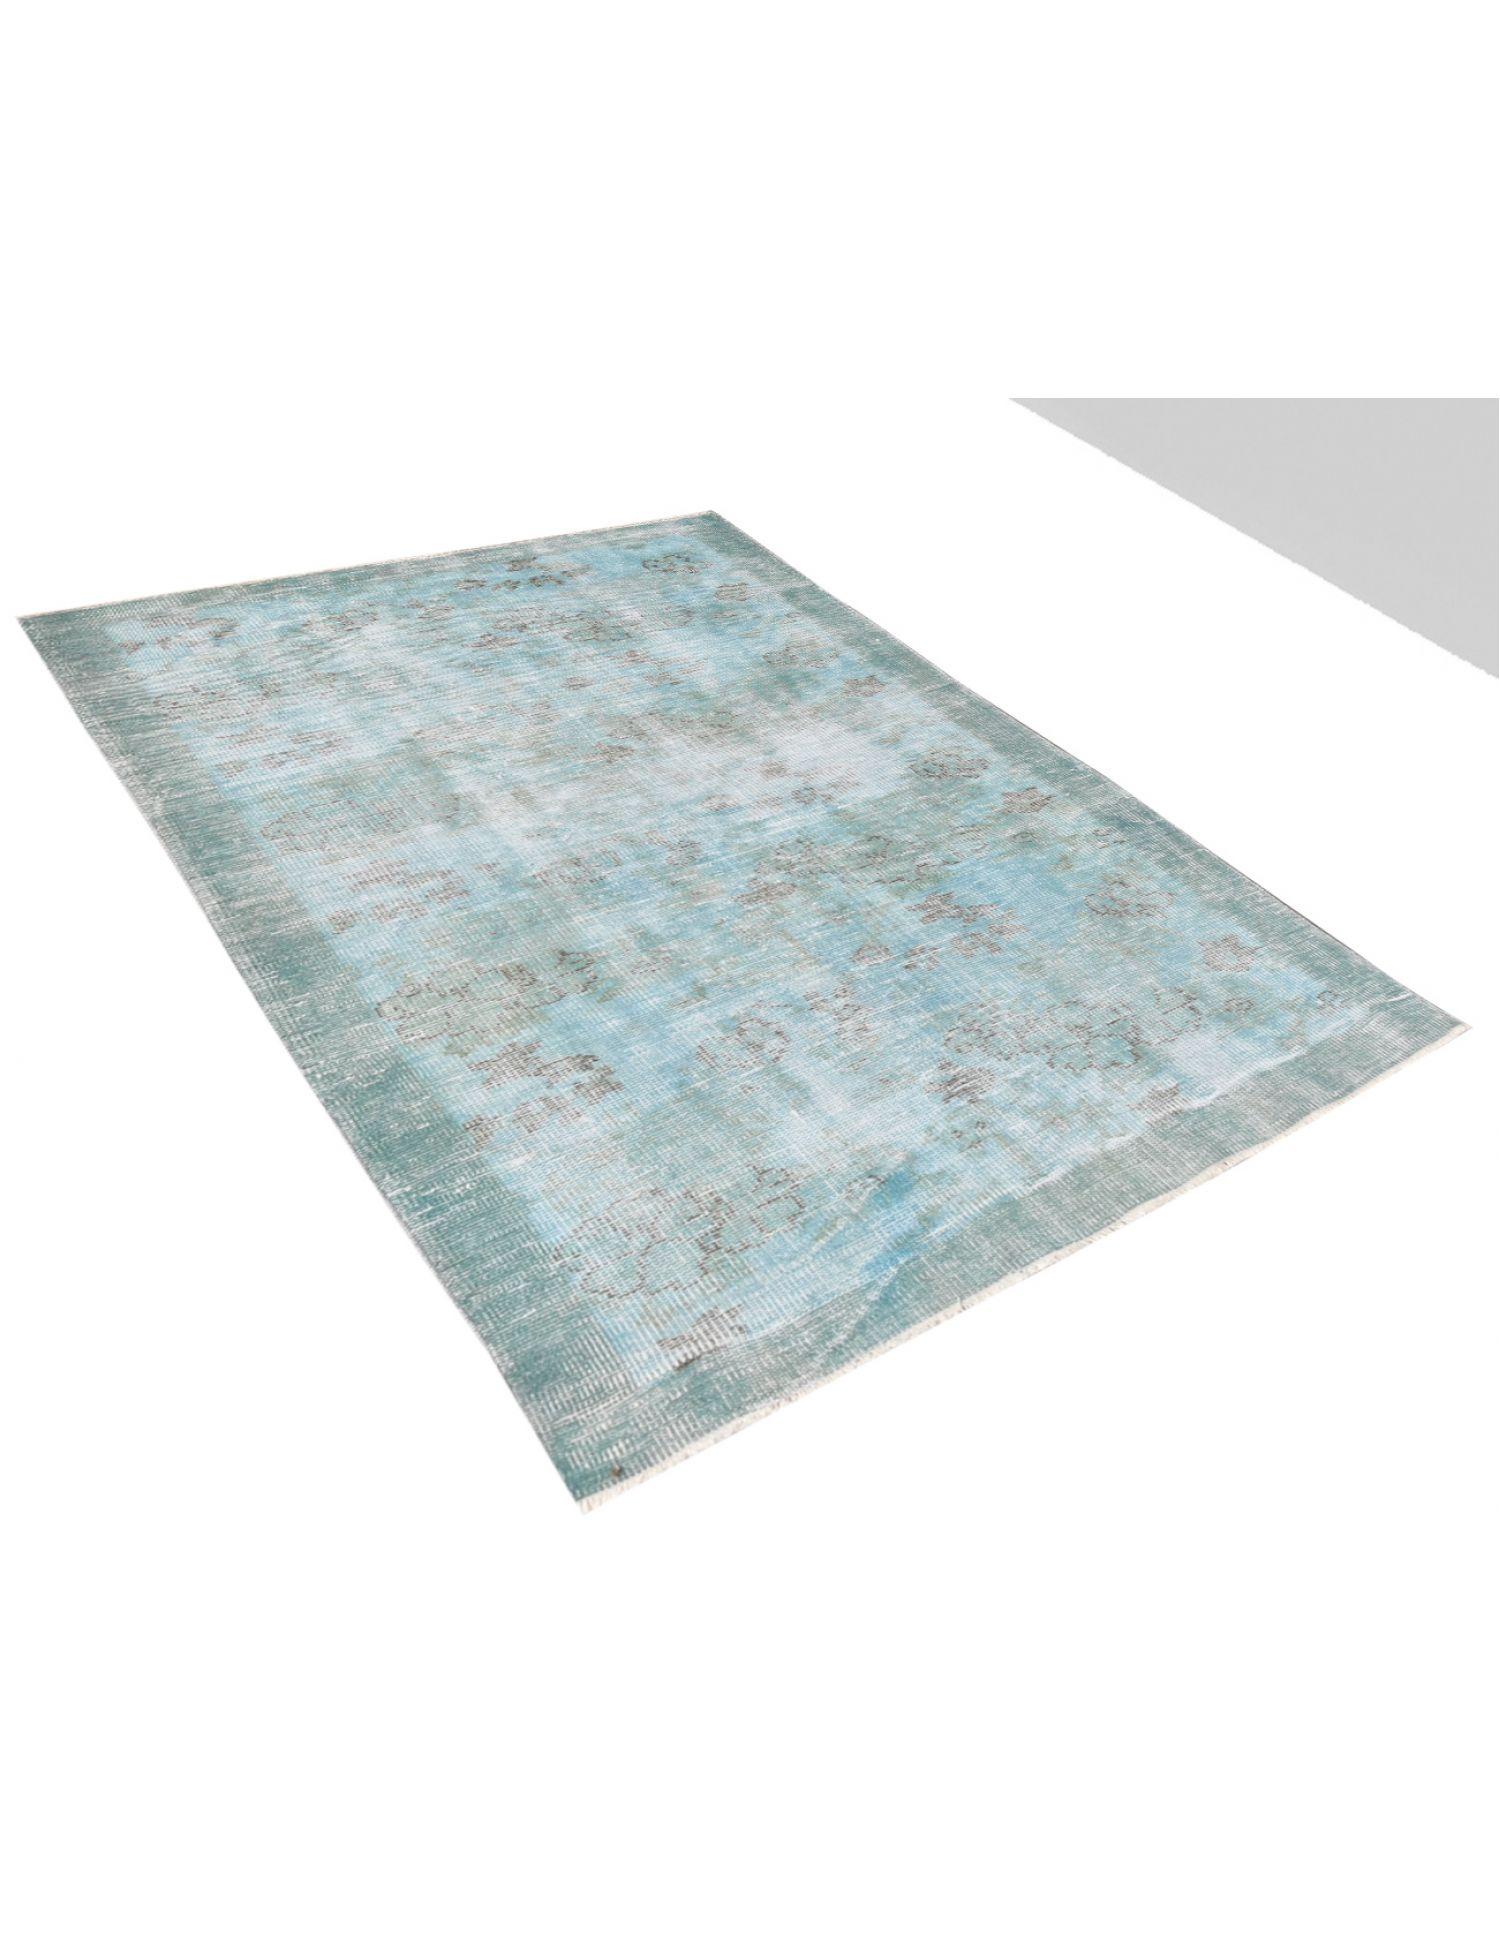 Vintage Carpet  blue <br/>209 x 127 cm